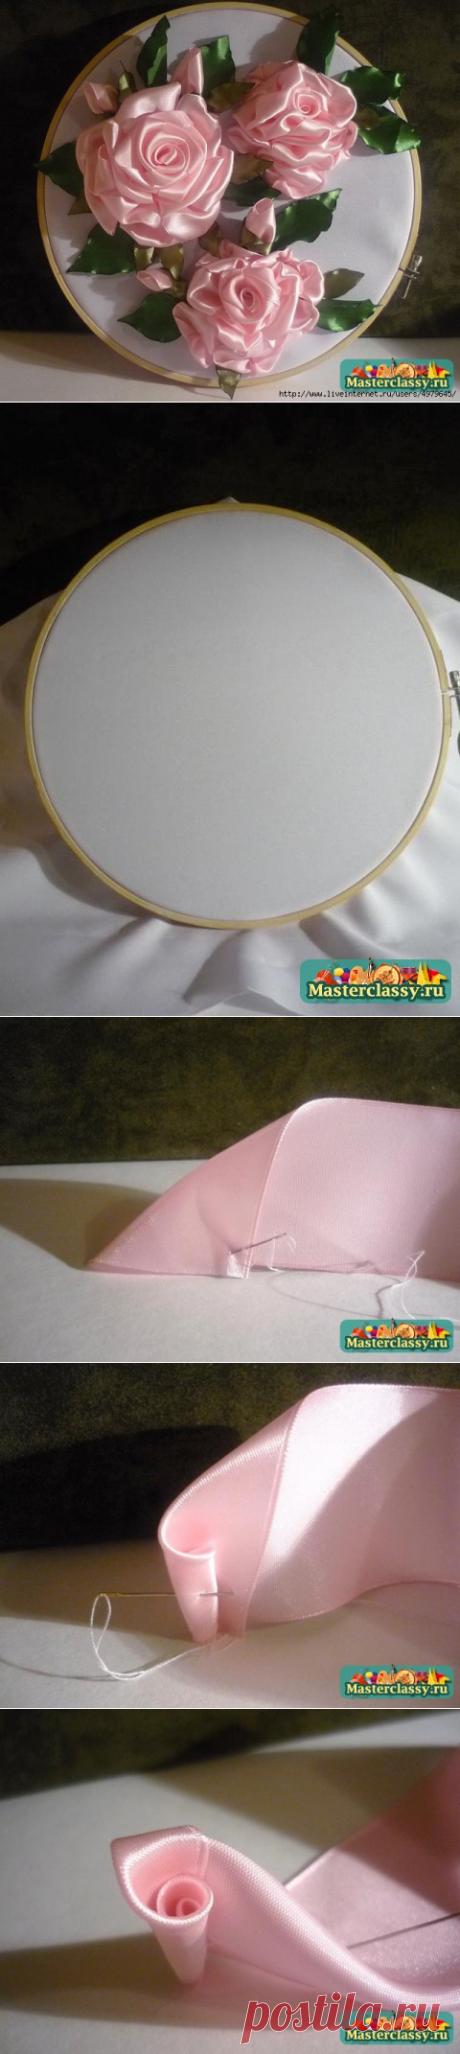 """МК вышивки лентами - """"Розовое настроение"""". Очень подробно и доходчиво"""